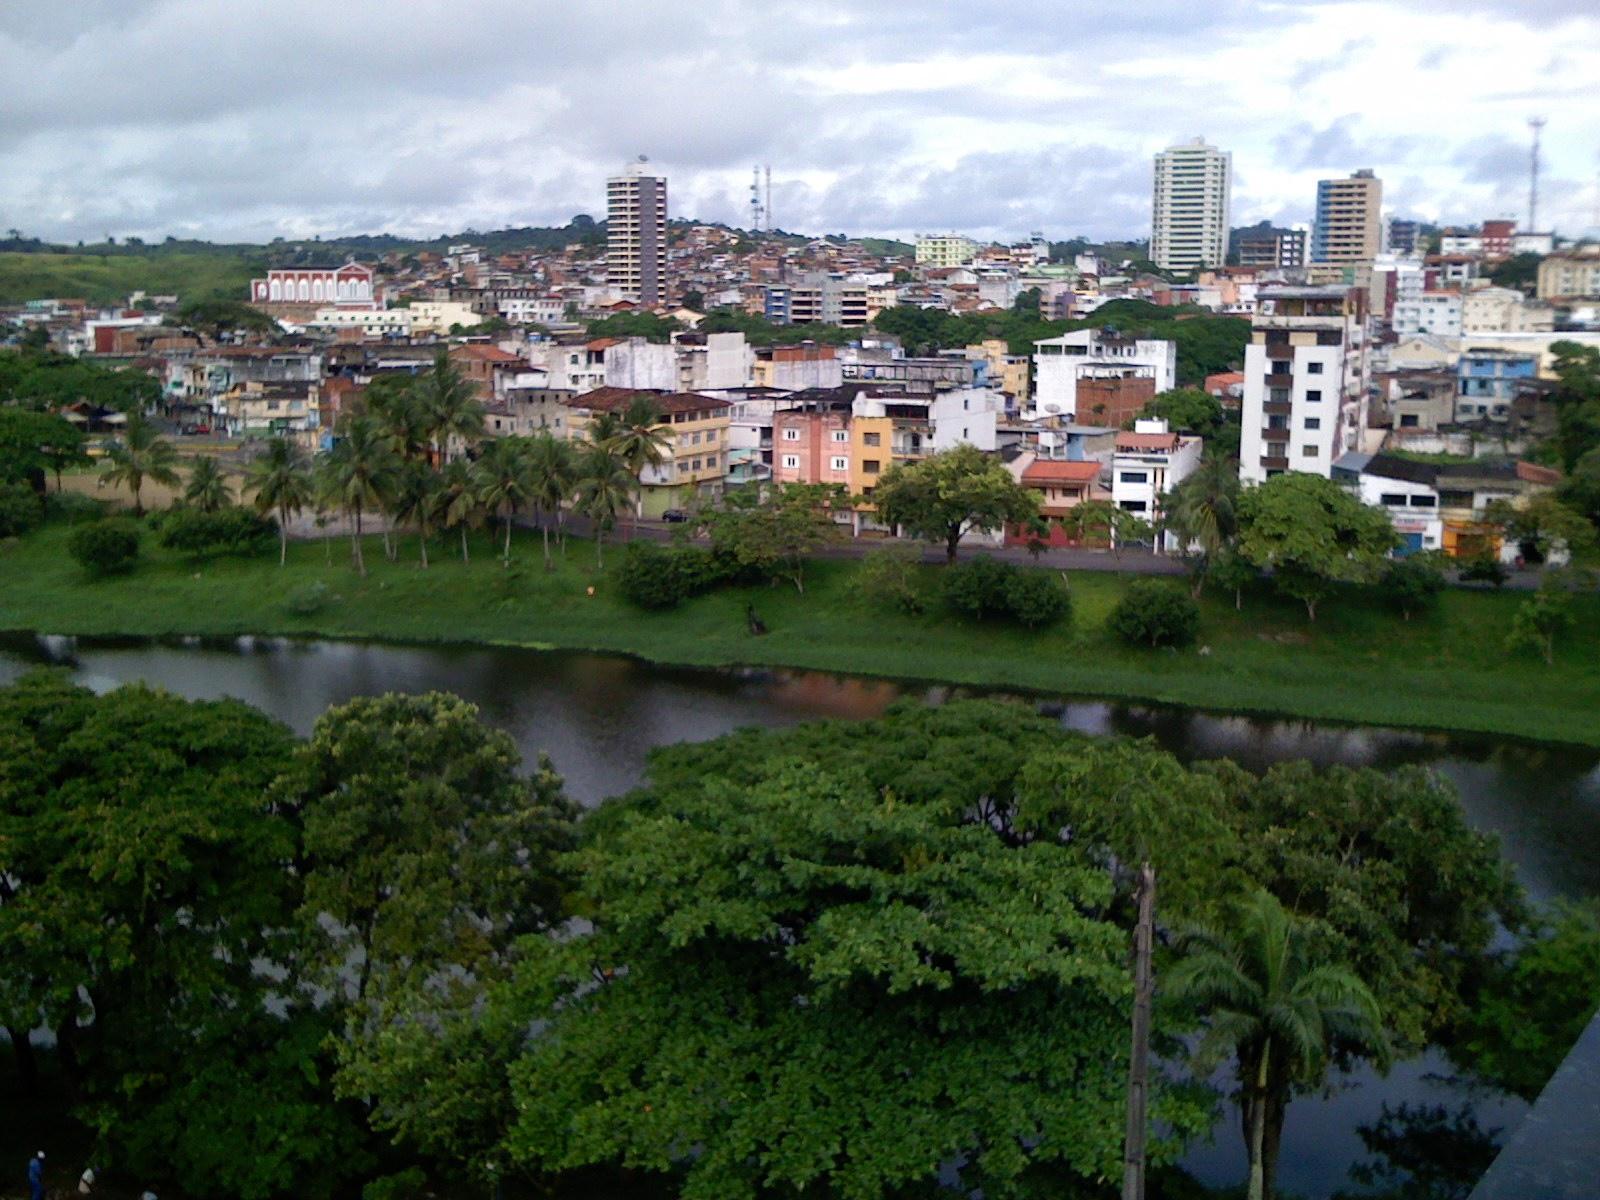 vista da cidade de Itabuna, com o rio Cachoeira no centro da imagem, copas de árvore no primeiro plano e prédios da cidade ao fundo